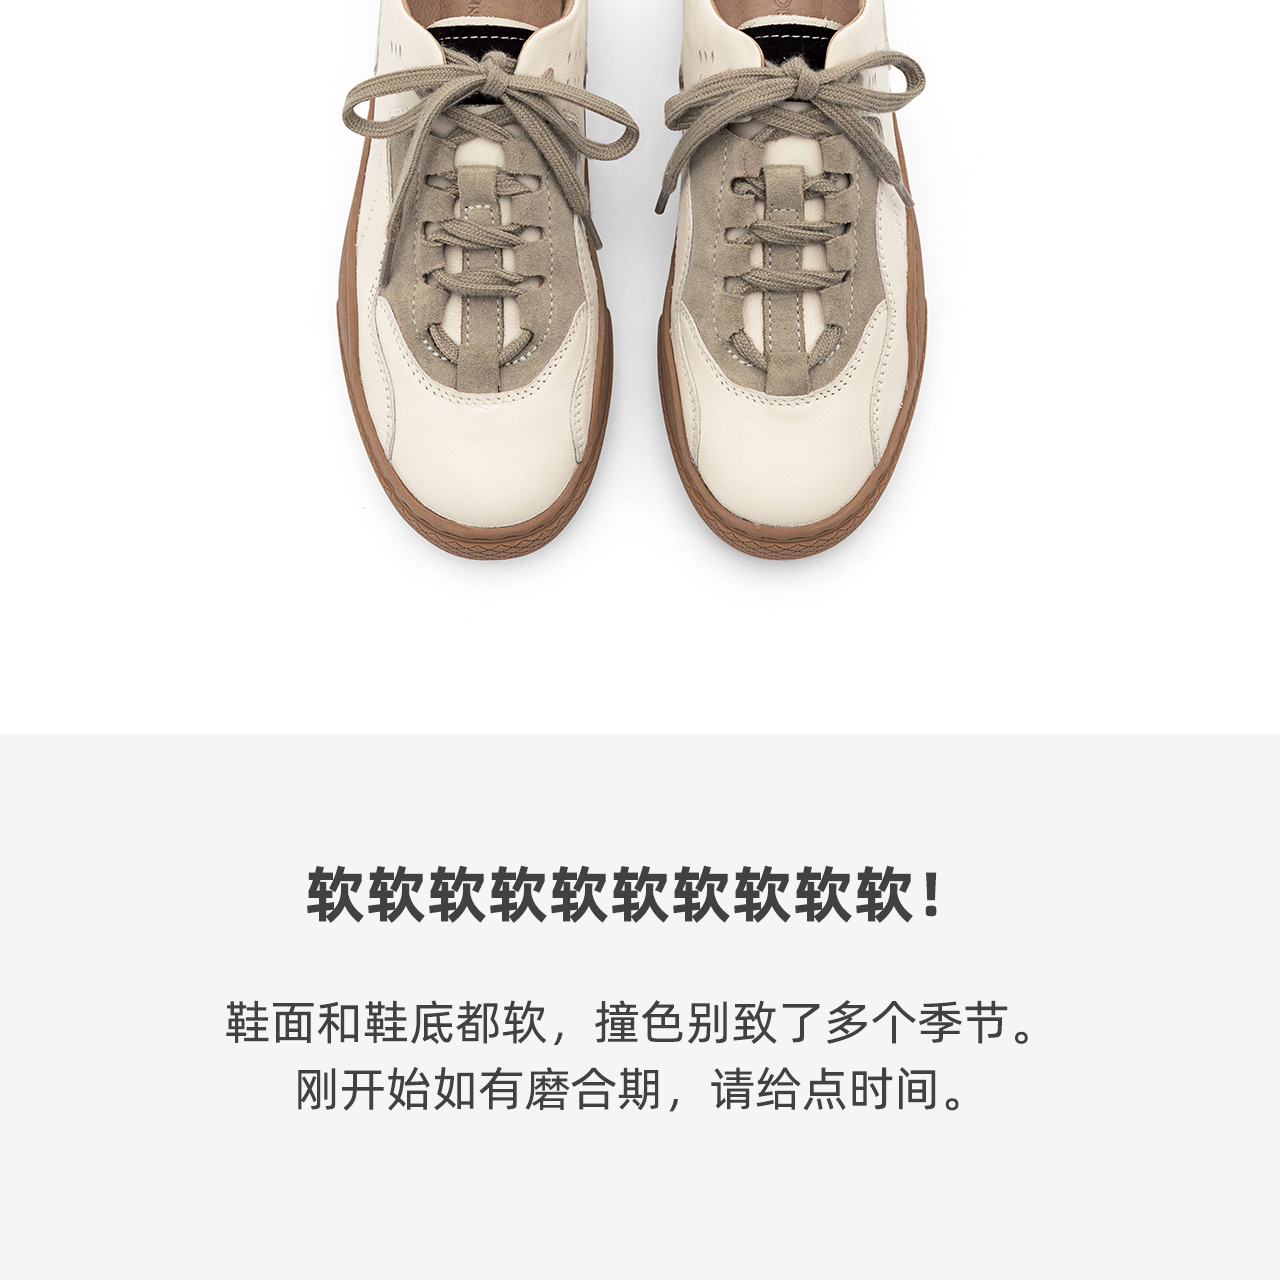 潮鞋百搭 2019 青婉田板鞋女运动休闲鞋女鞋真皮小白鞋女复古鞋子女